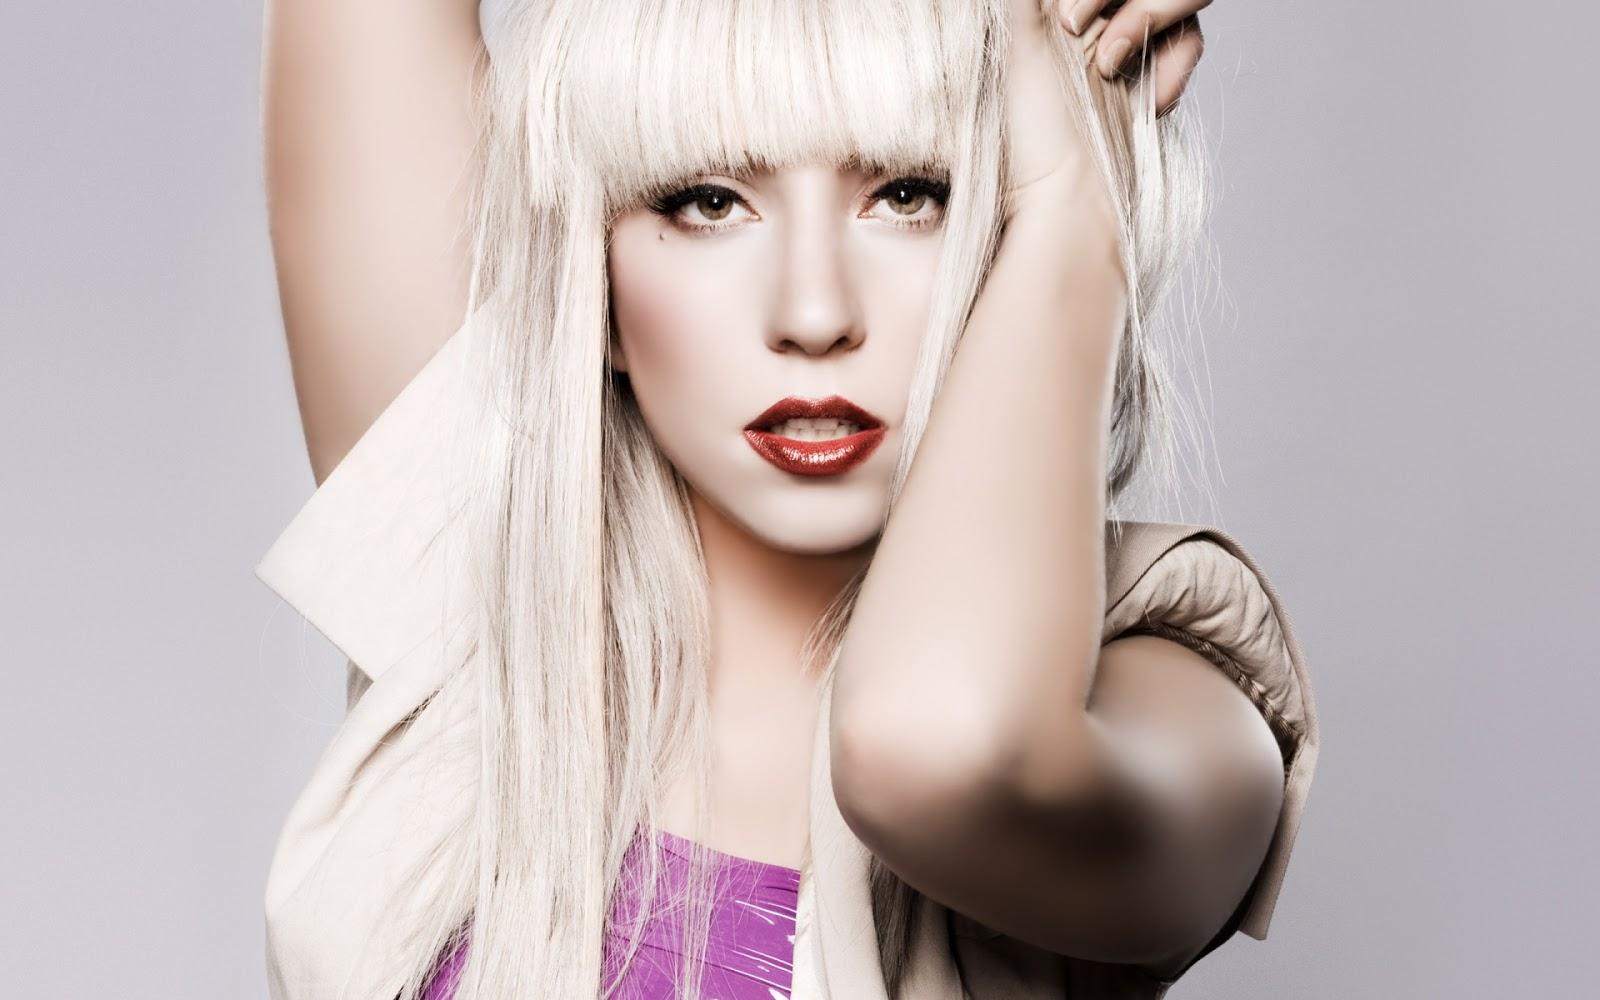 Vera altezza Lady Gaga